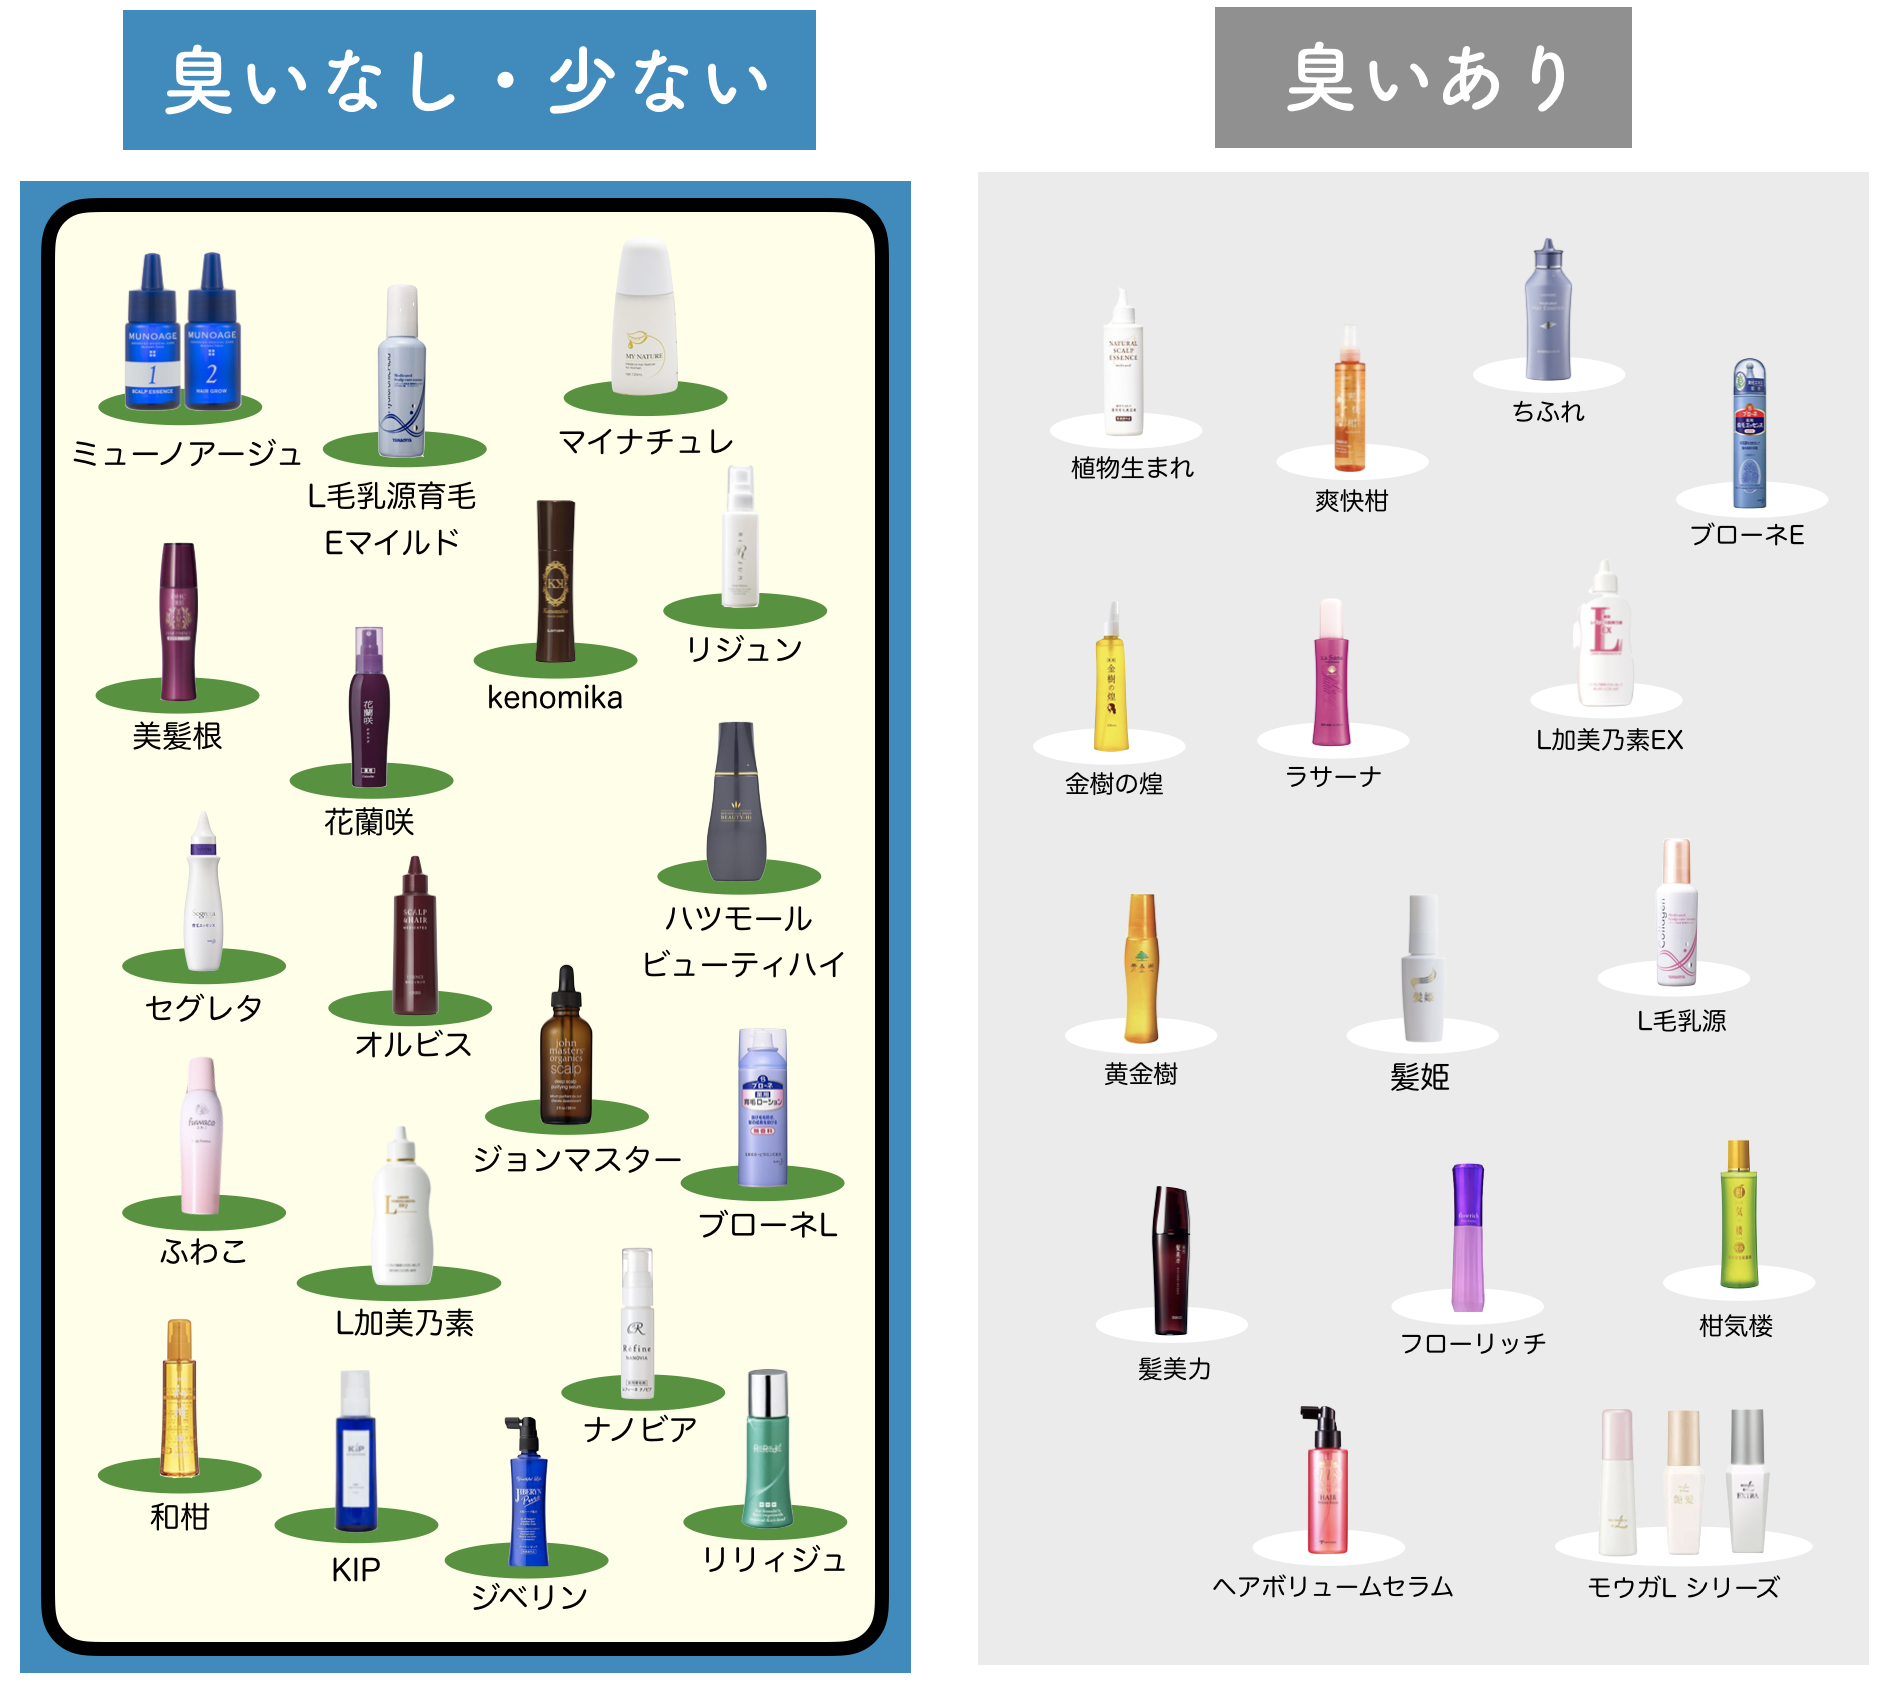 女性育毛剤を70種比較した図-2